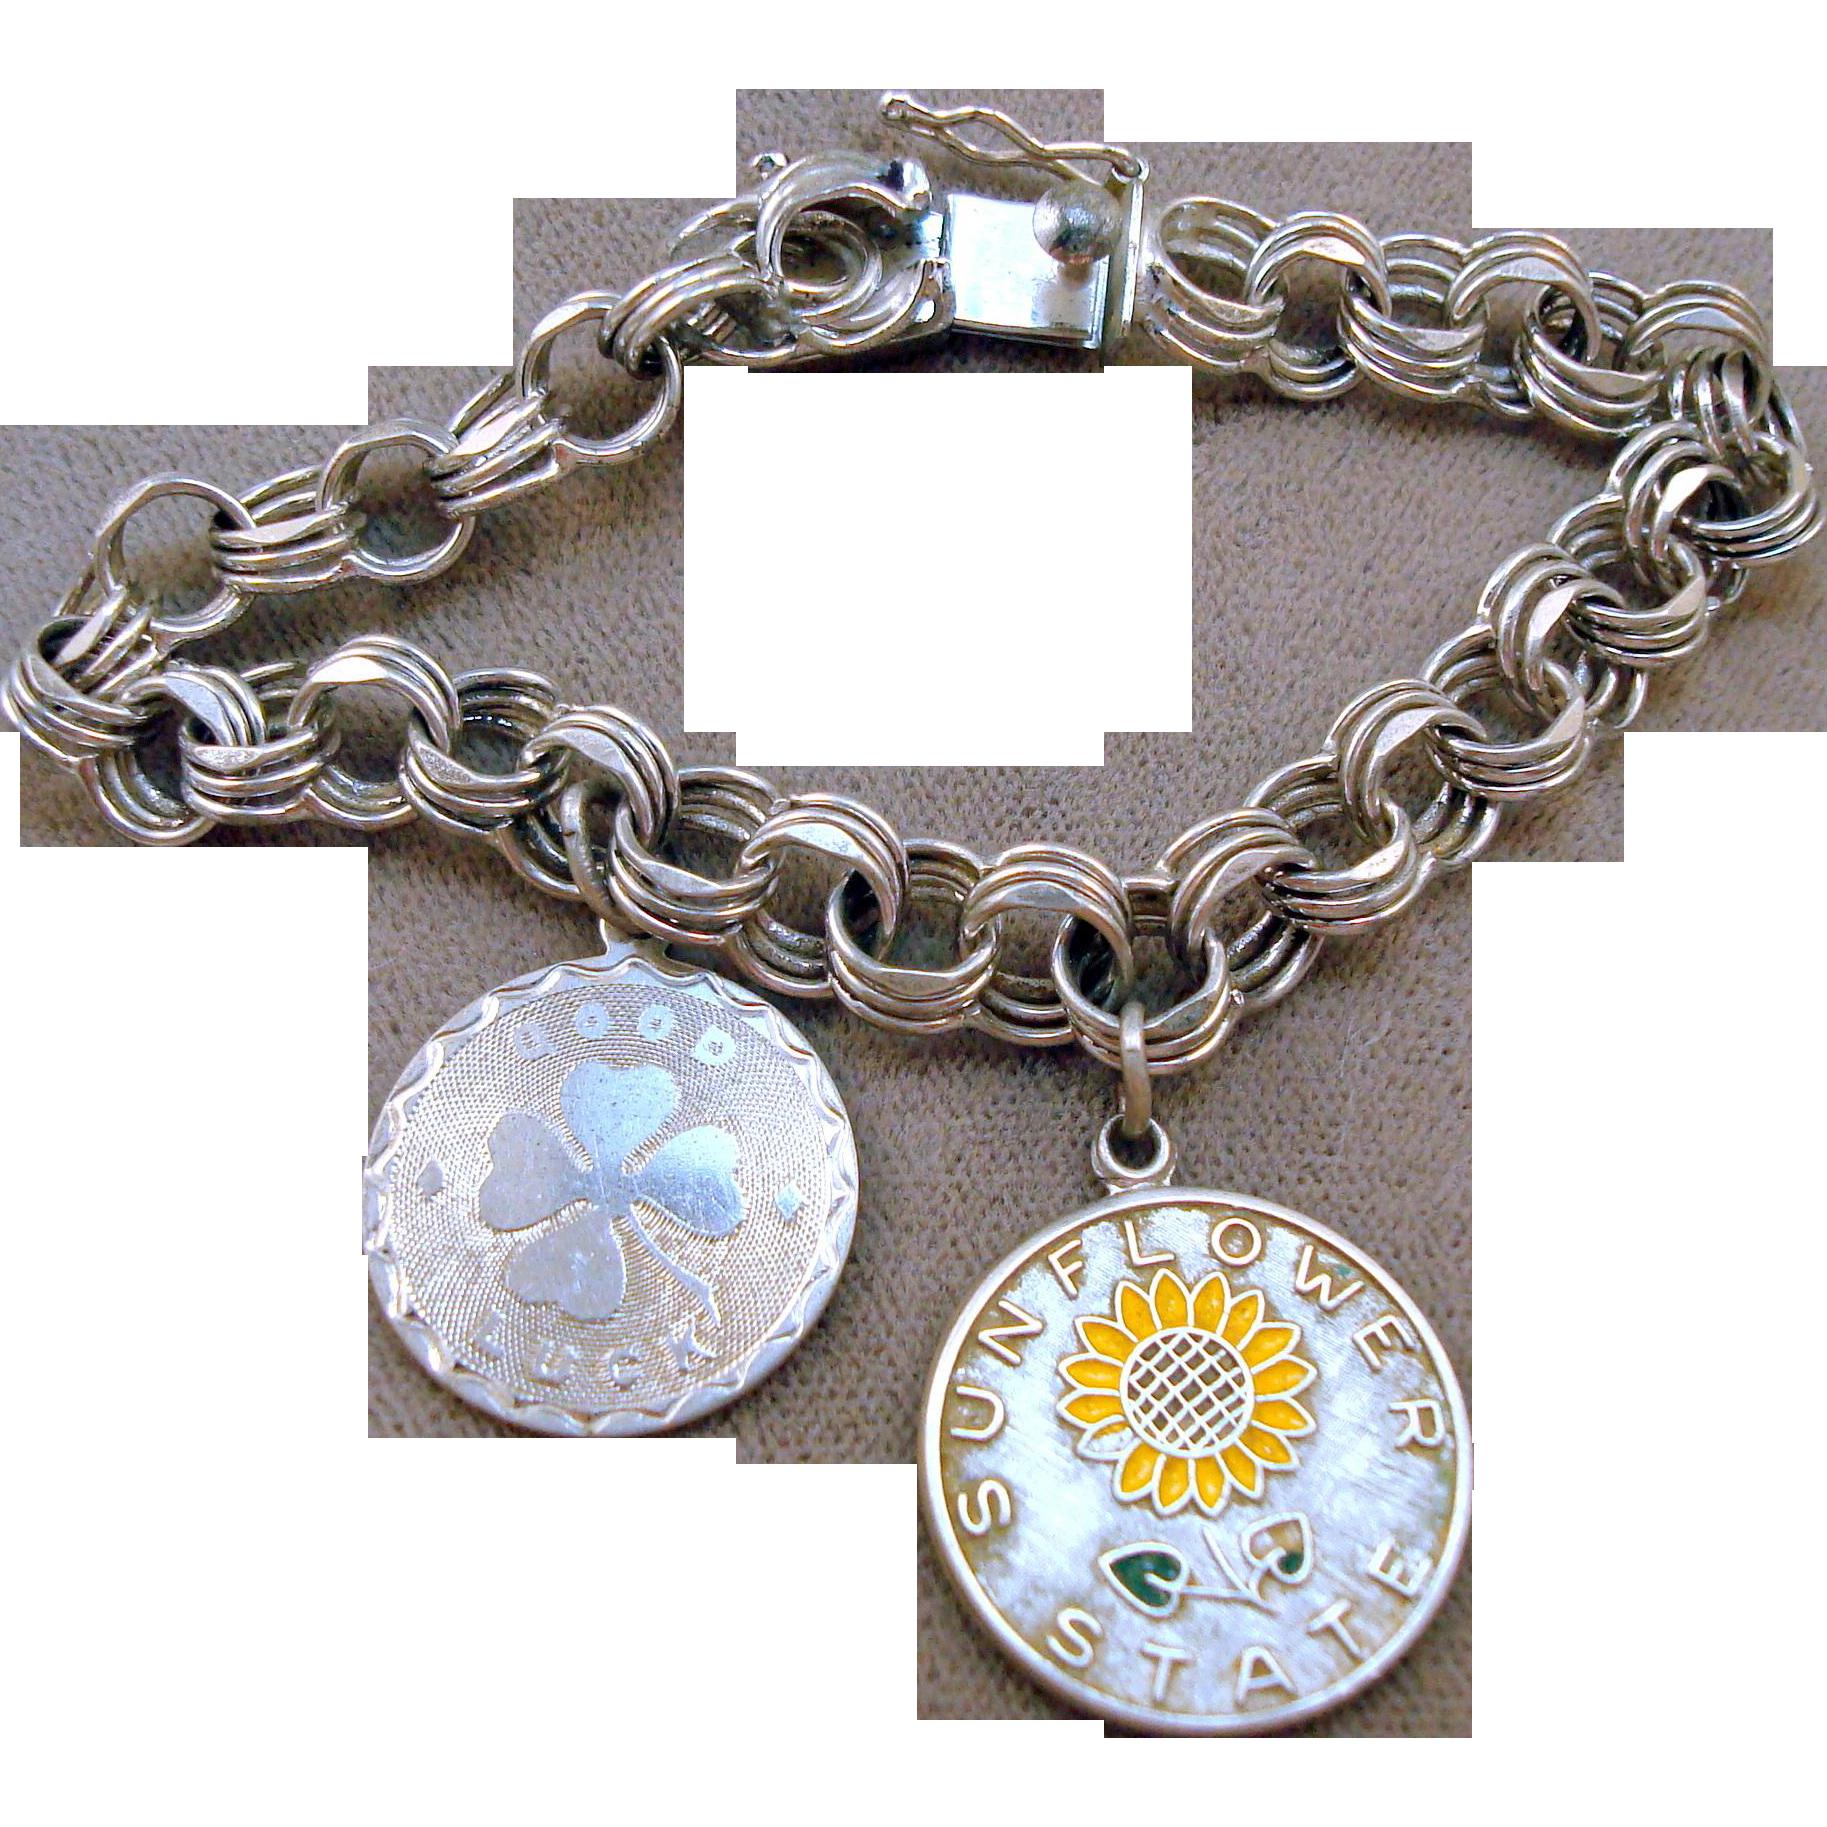 Vintage Sterling Charm Bracelet - 2 Charms